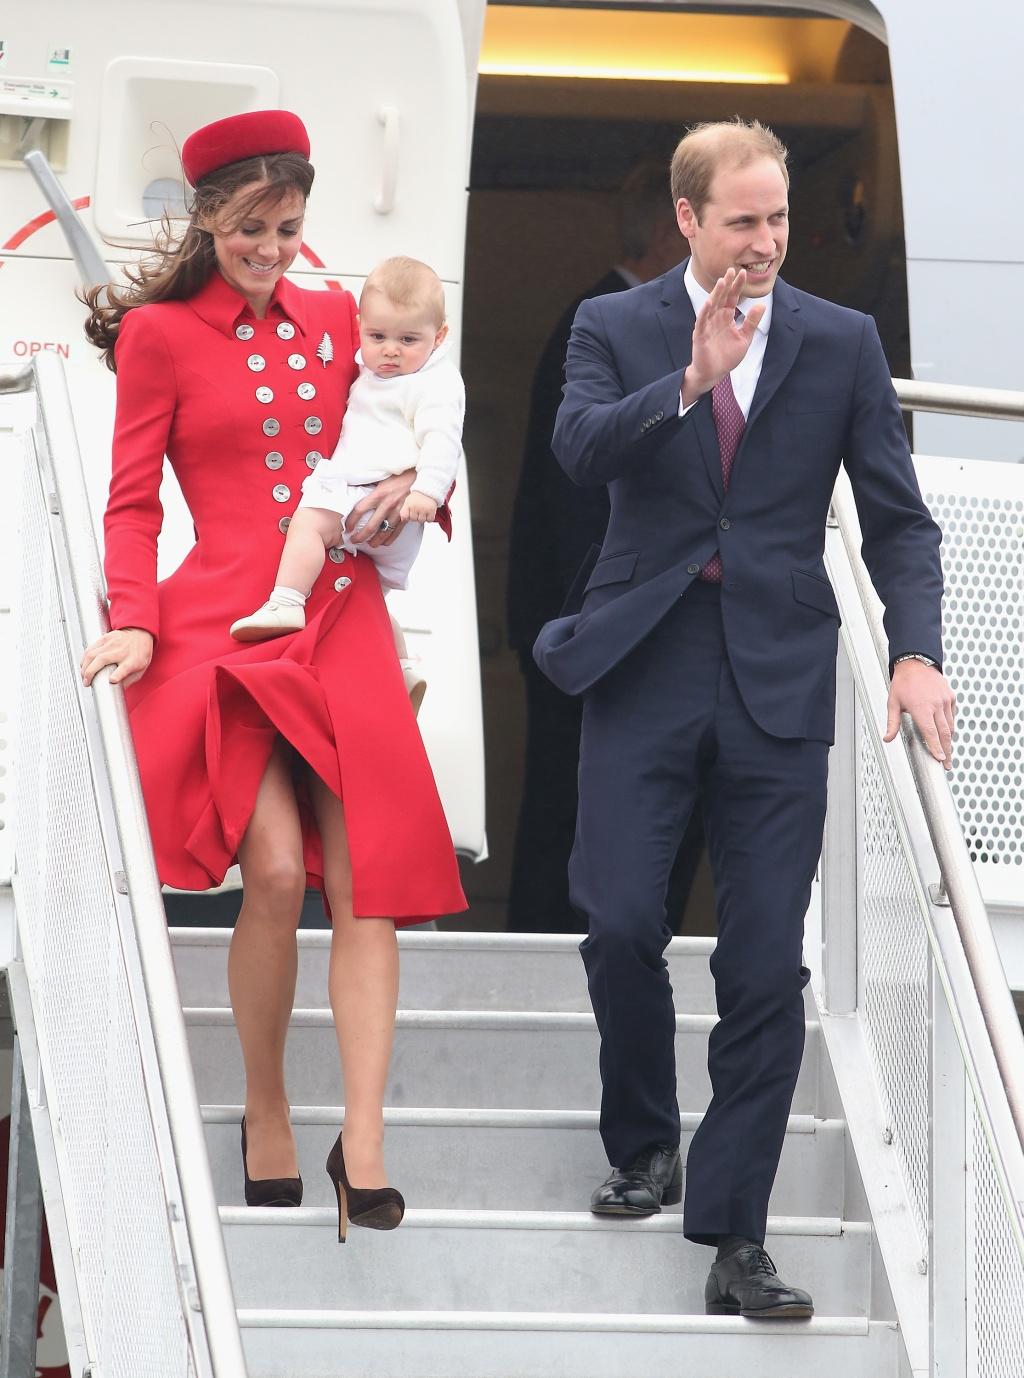 Принц Уилям, съпругата му Кейт и малкият Джордж пристигнаха в Уелингтън, Нова Зеландия, в рамките на 3-седмично пътуване, което ще продължи и в Австралия, съобщи Би Би Си. Това е първото официално посещение за 8-месечния принц Джордж. Херцогинята на Кембридж бе облечена в червено палто със златни копчета. Дрехата е дело на британската дизайнерка Катрин Уокър, която била любимка и на принцеса Даяна.